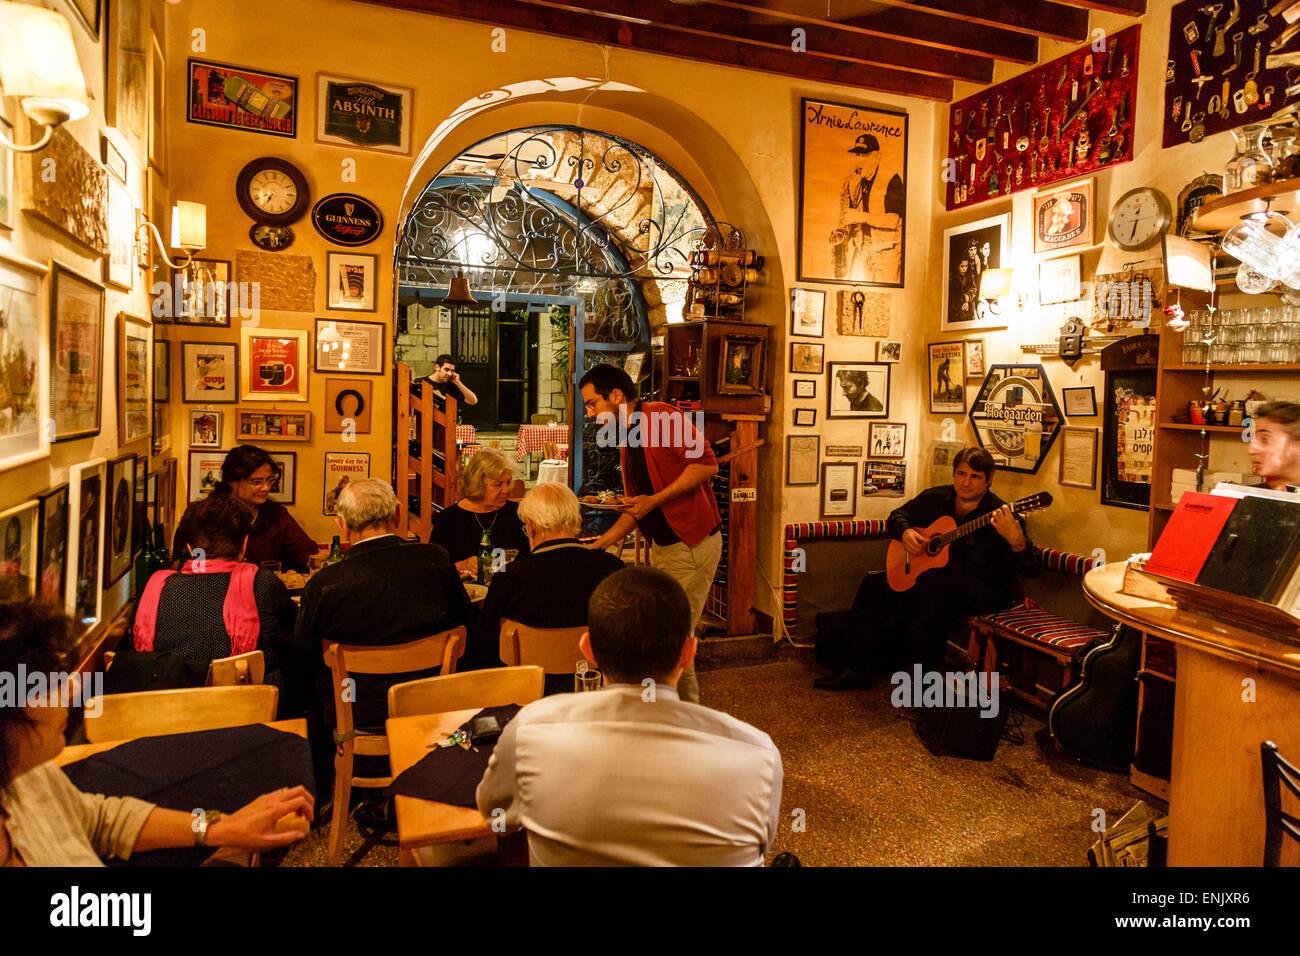 Barood Bar and Restaurant on Jaffa Street, Jerusalem, Israel, Middle East - Stock Image